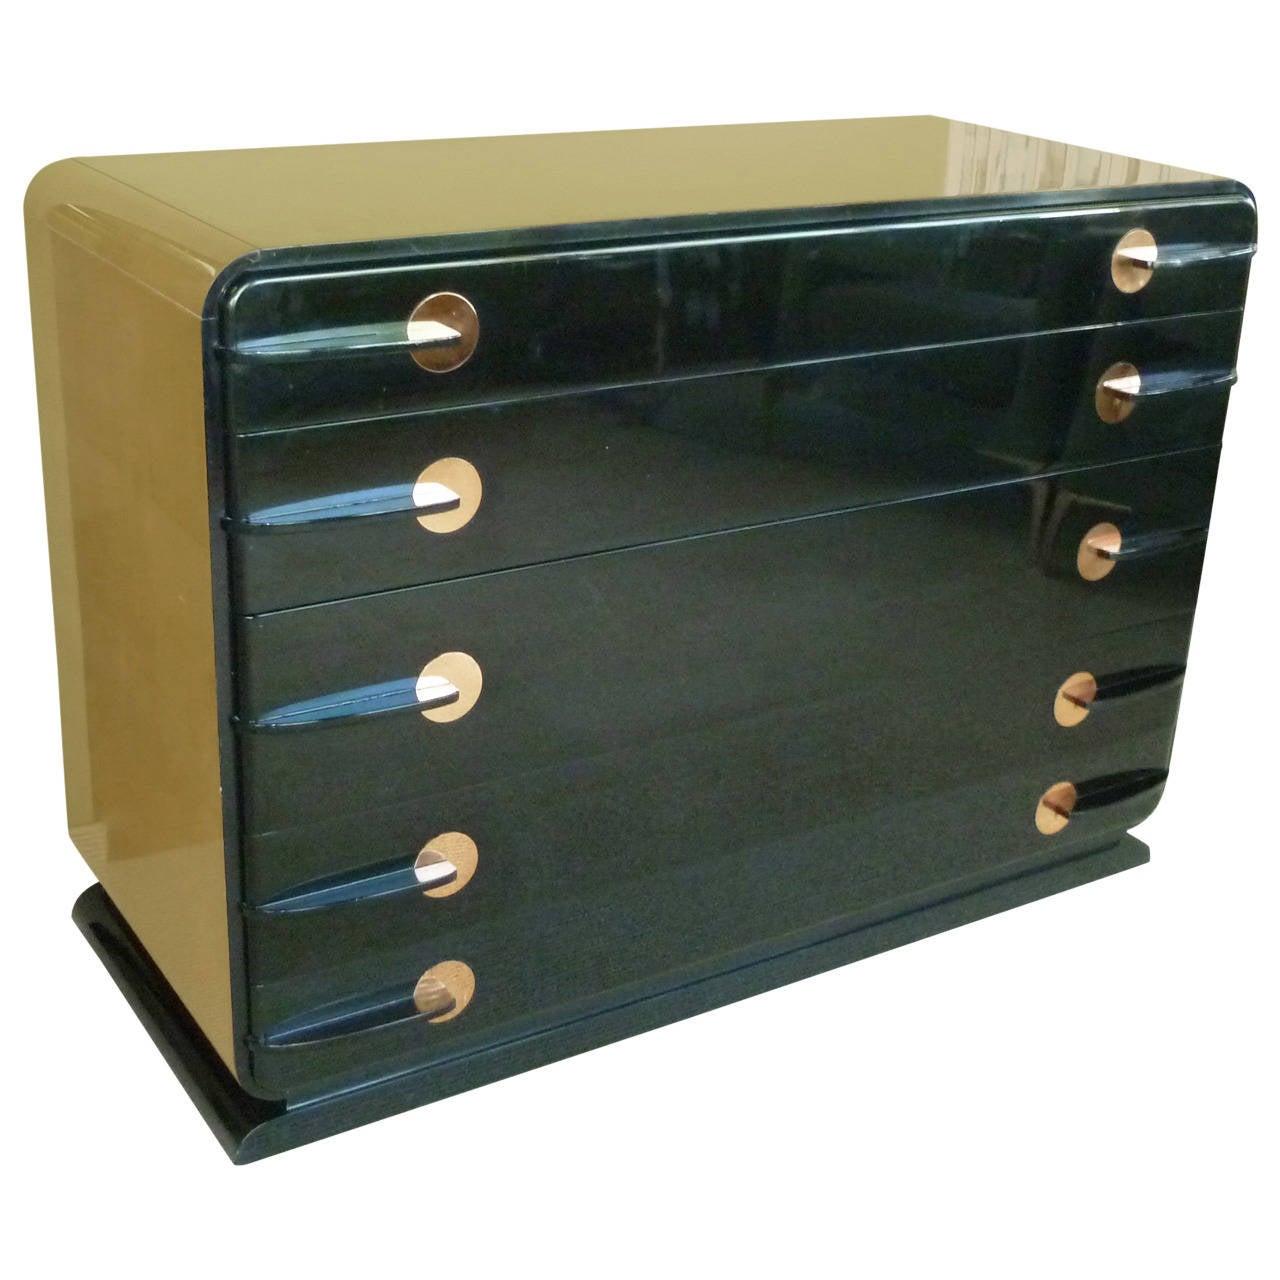 Donald deskey style streamline moderne dresser at 1stdibs for Case moderne